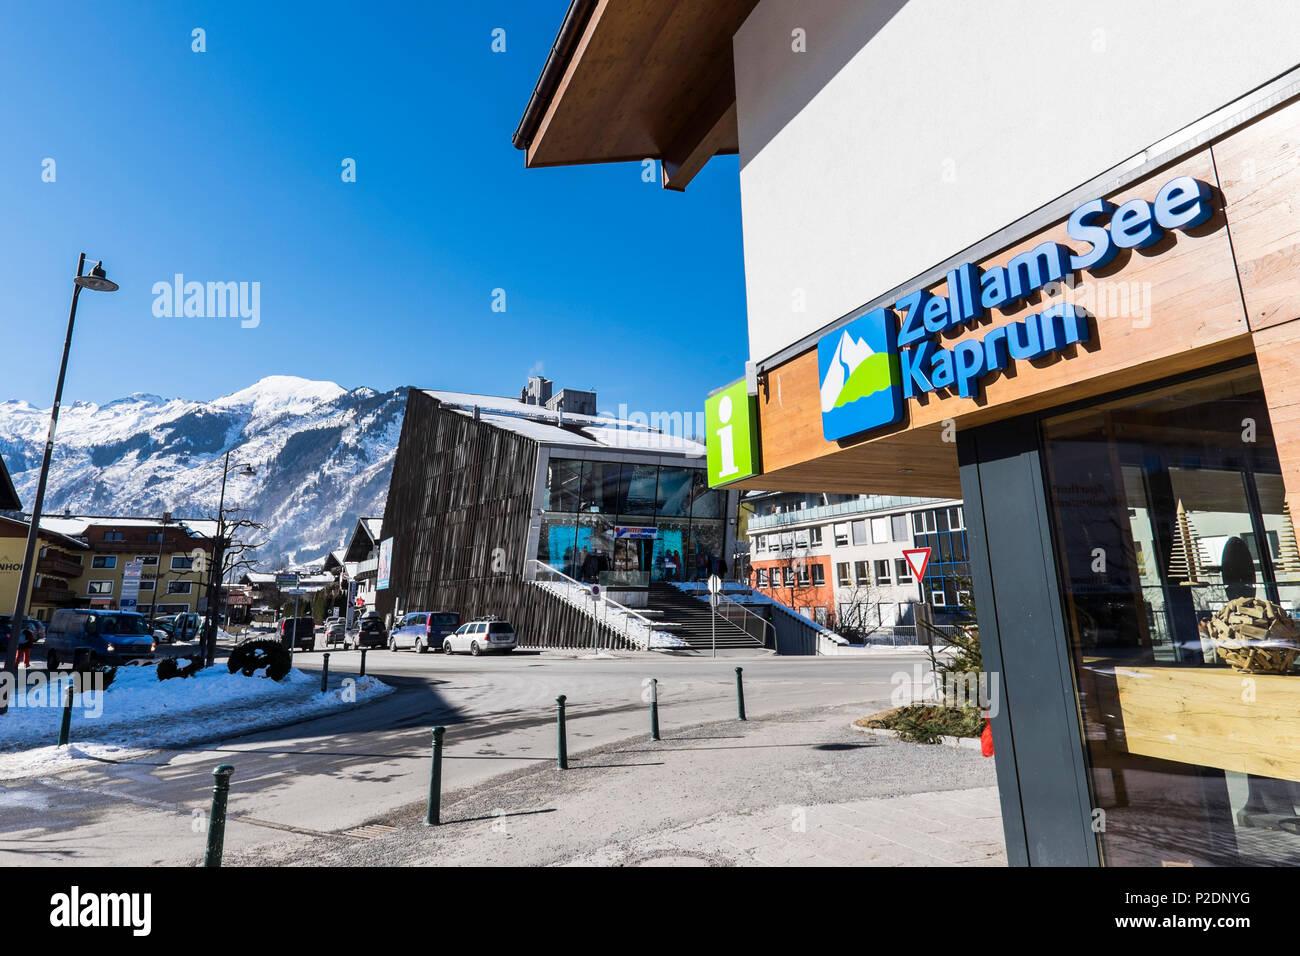 view to Kaprun and the Kitzsteinhorn, Salzburger Land, Austria, Europe Stock Photo